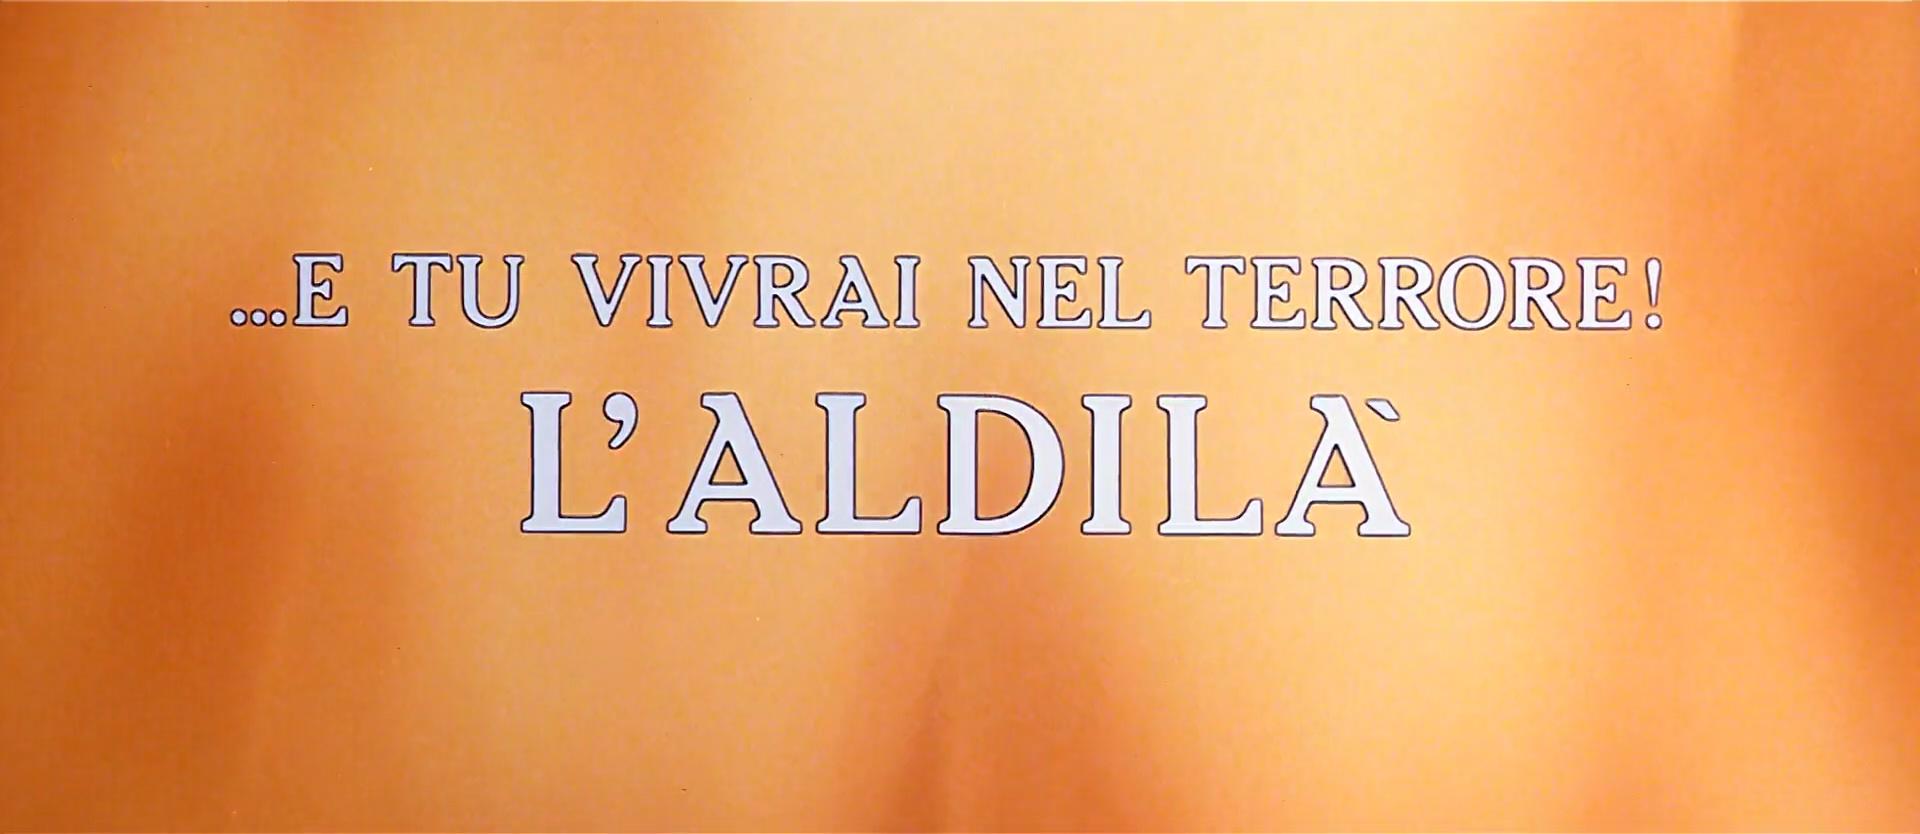 L'AU-DELÀ (…E Tu Vivrai Nel Terrore ! L'Aldilà) de Lucio Fulci (1981)